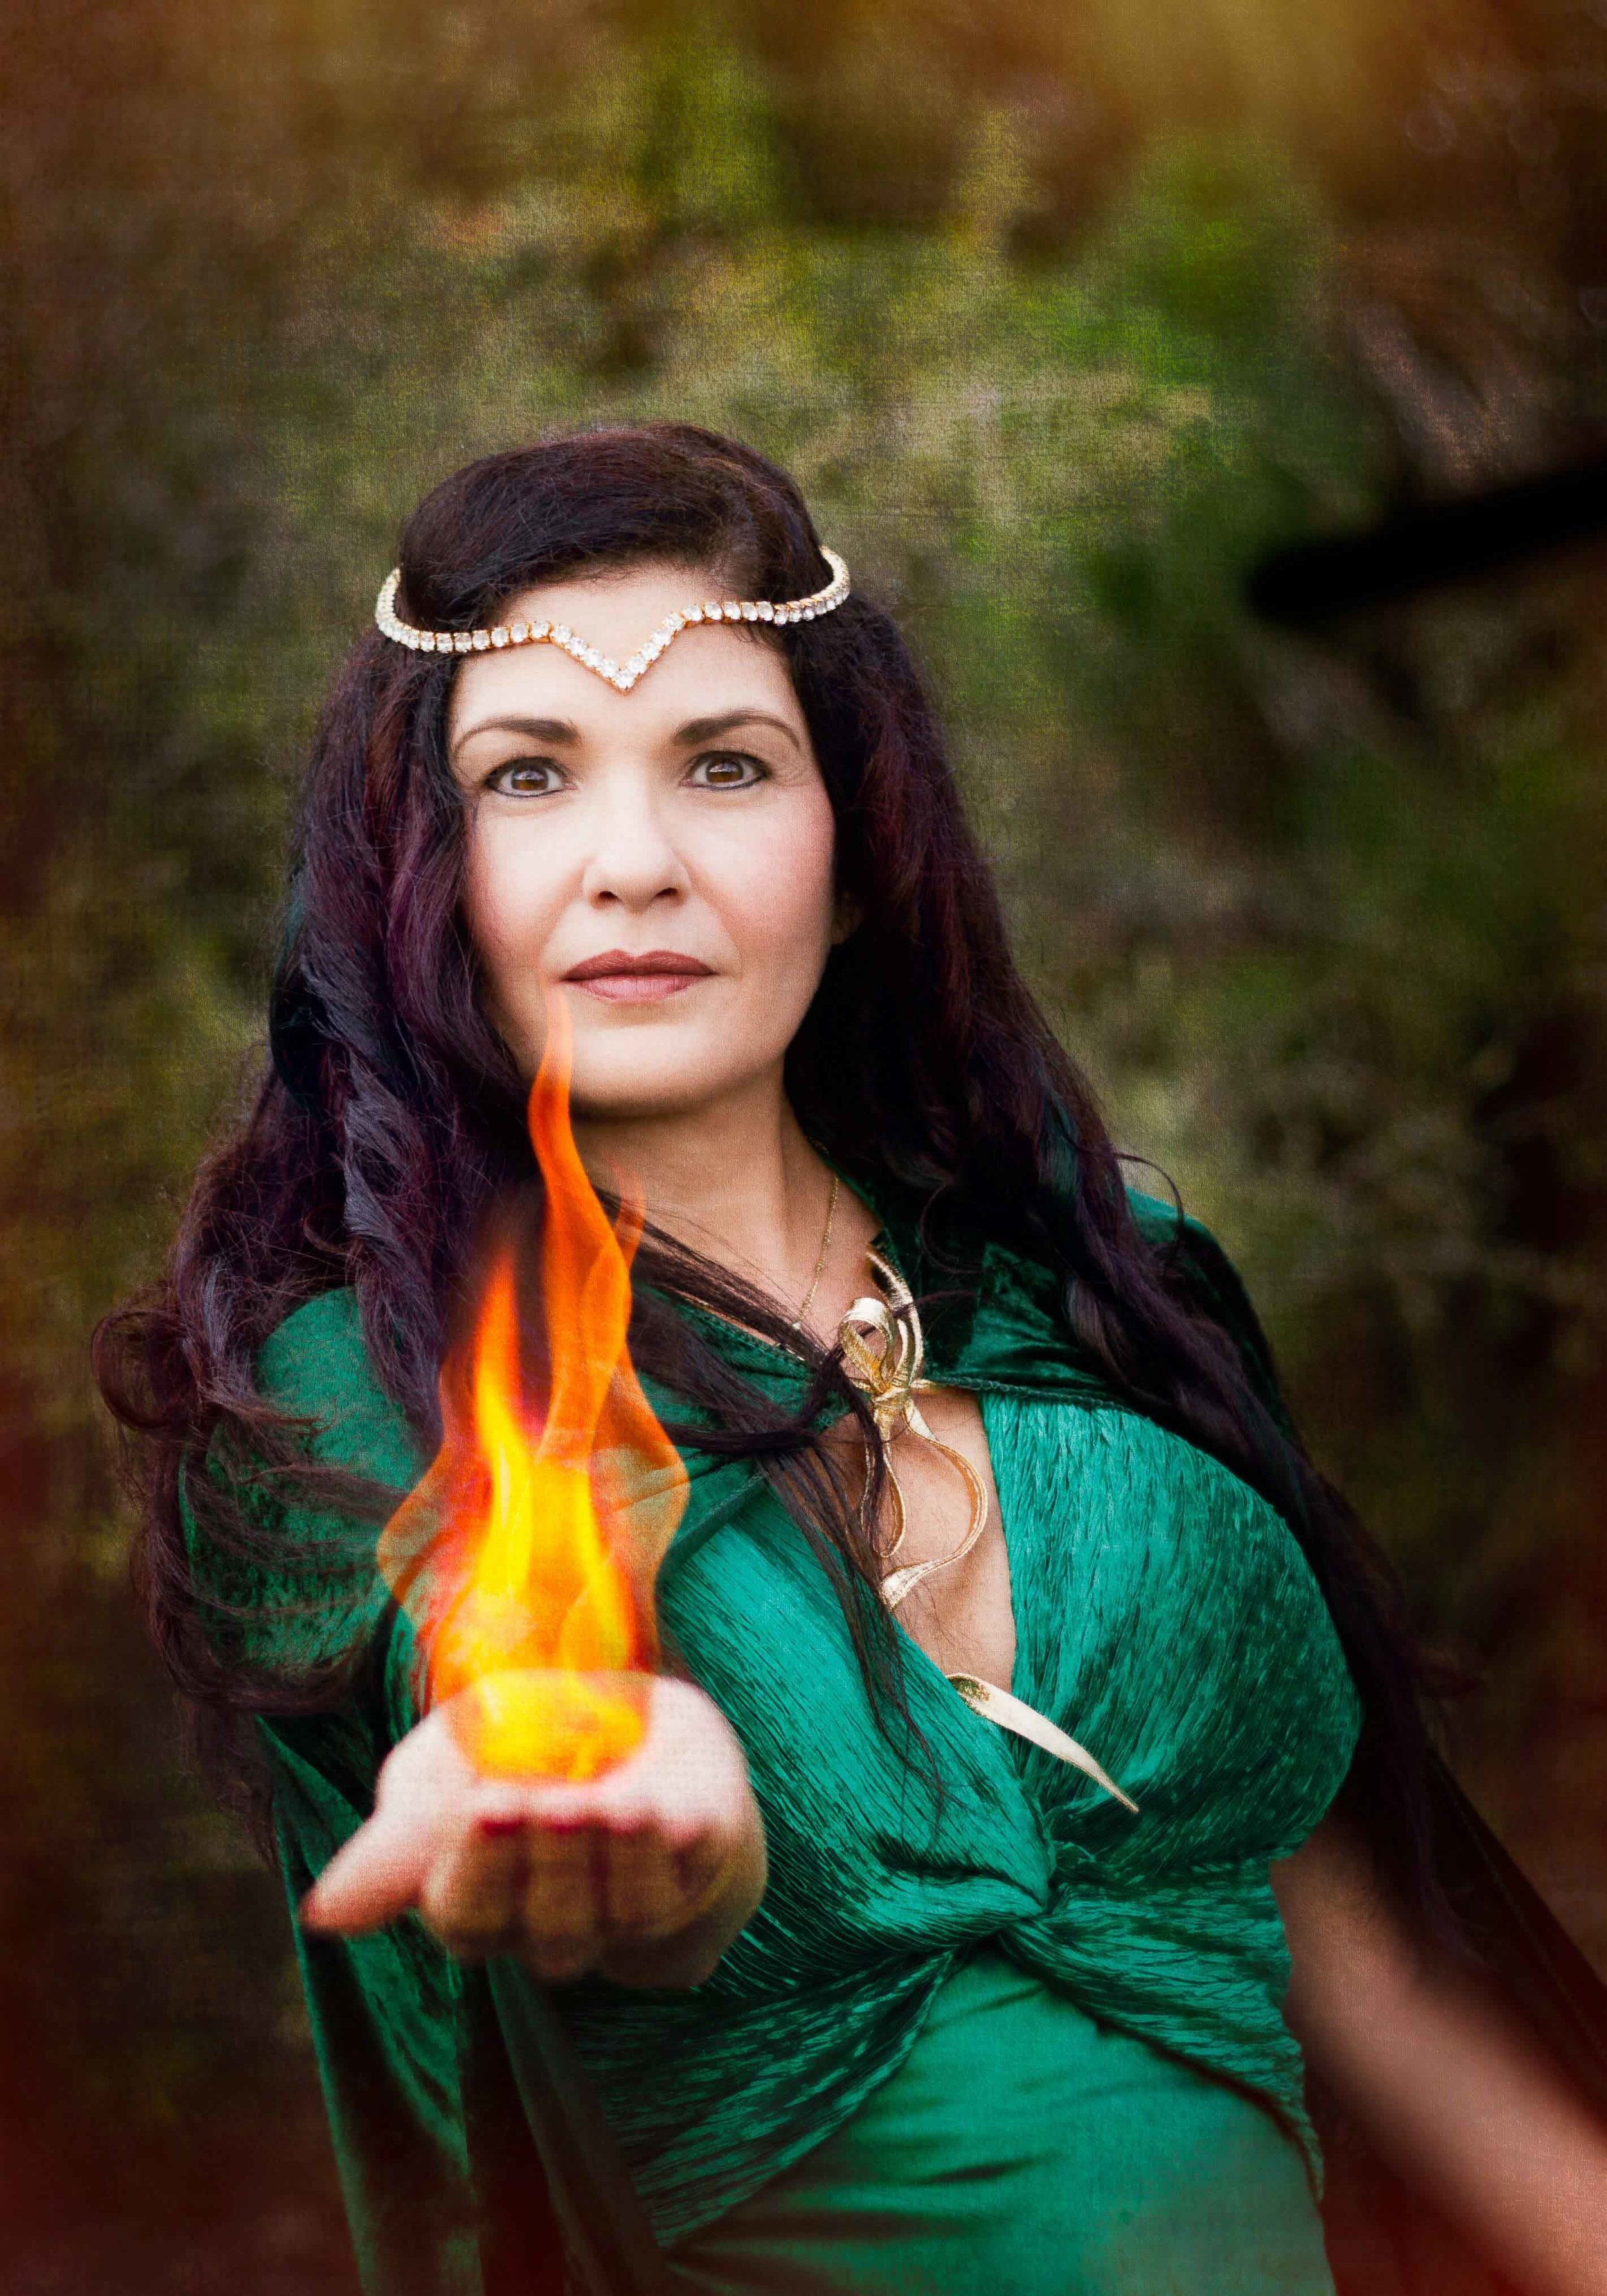 bringer of fire1.jpg